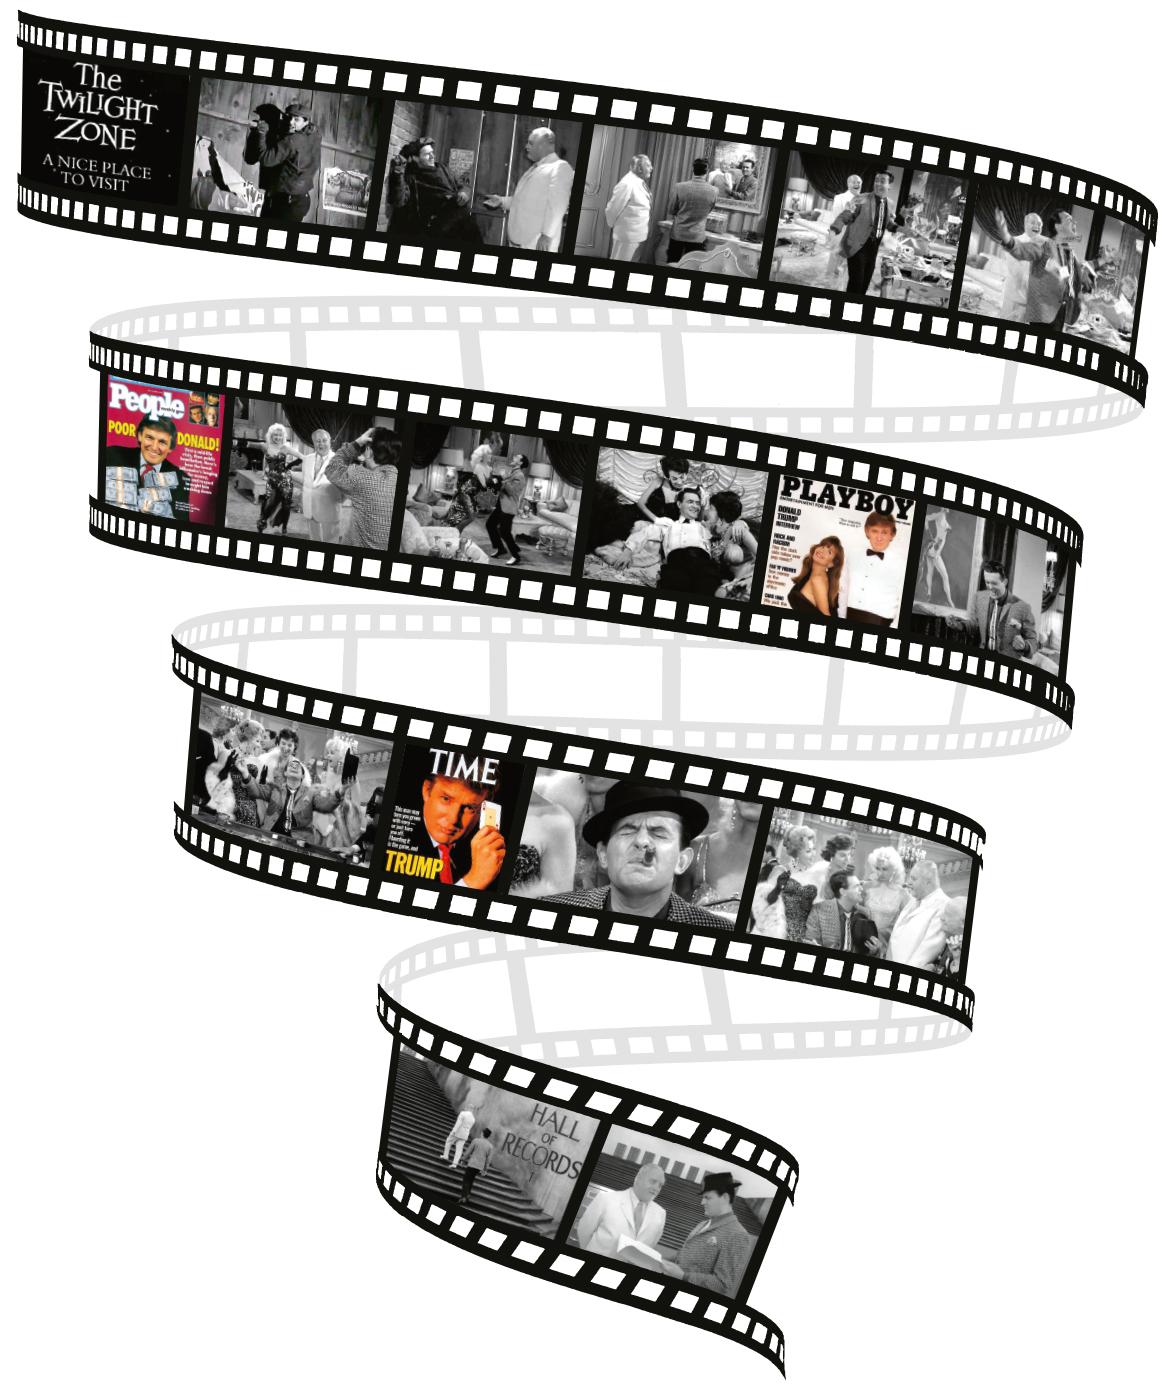 Filmstrip 'The Twilight Zone'